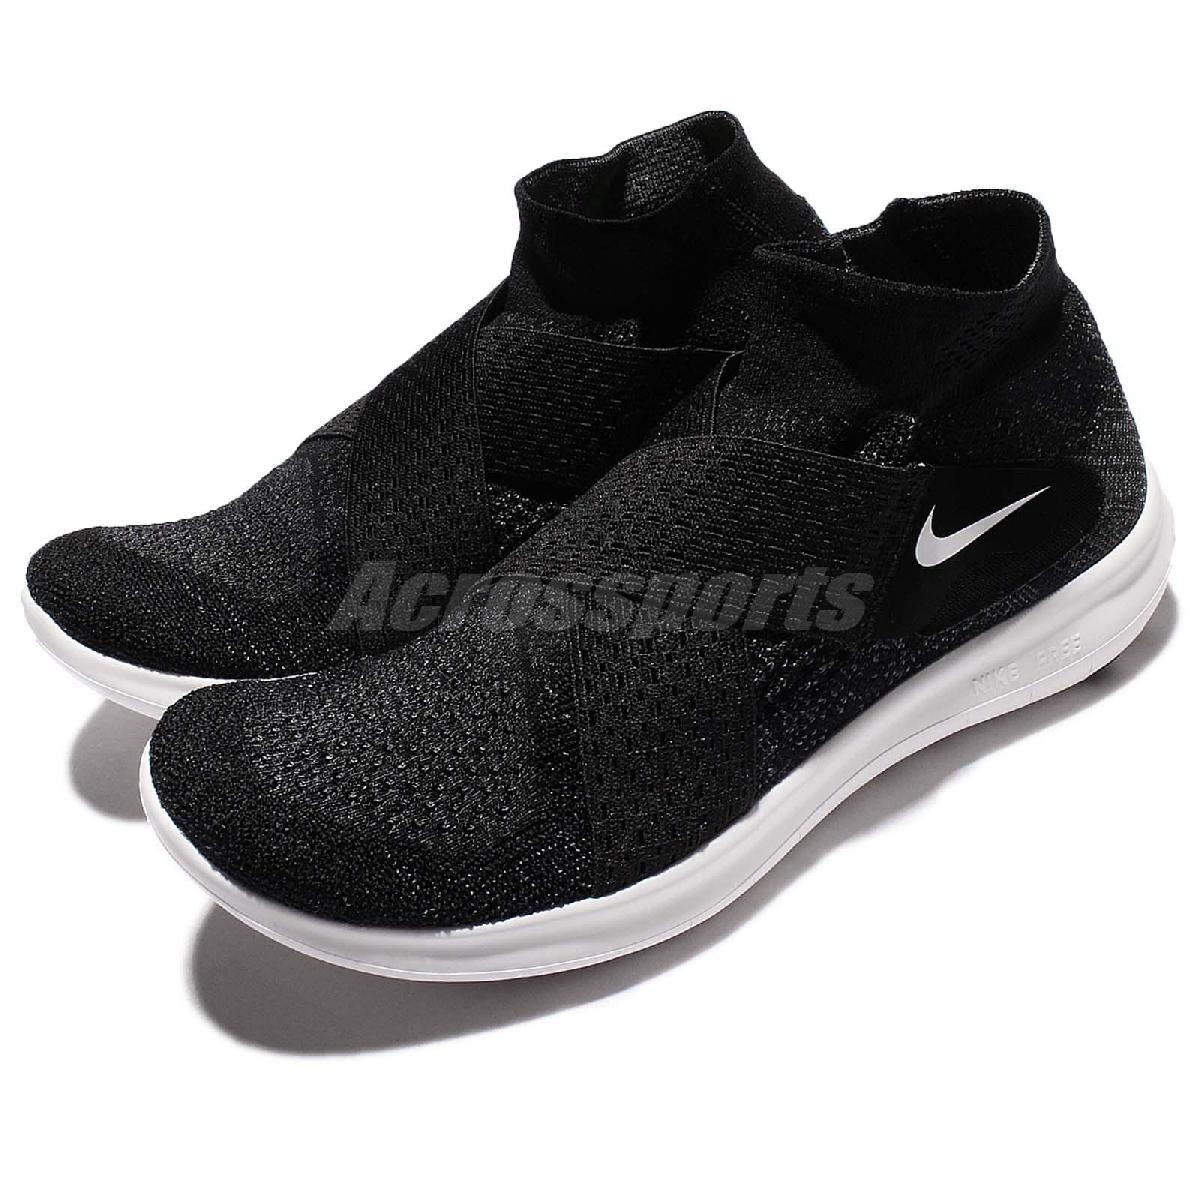 Nike慢跑鞋Wmns Free RN Motion FK 2017黑白交叉綁帶黑白赤足運動鞋女鞋PUMP306 880846-003